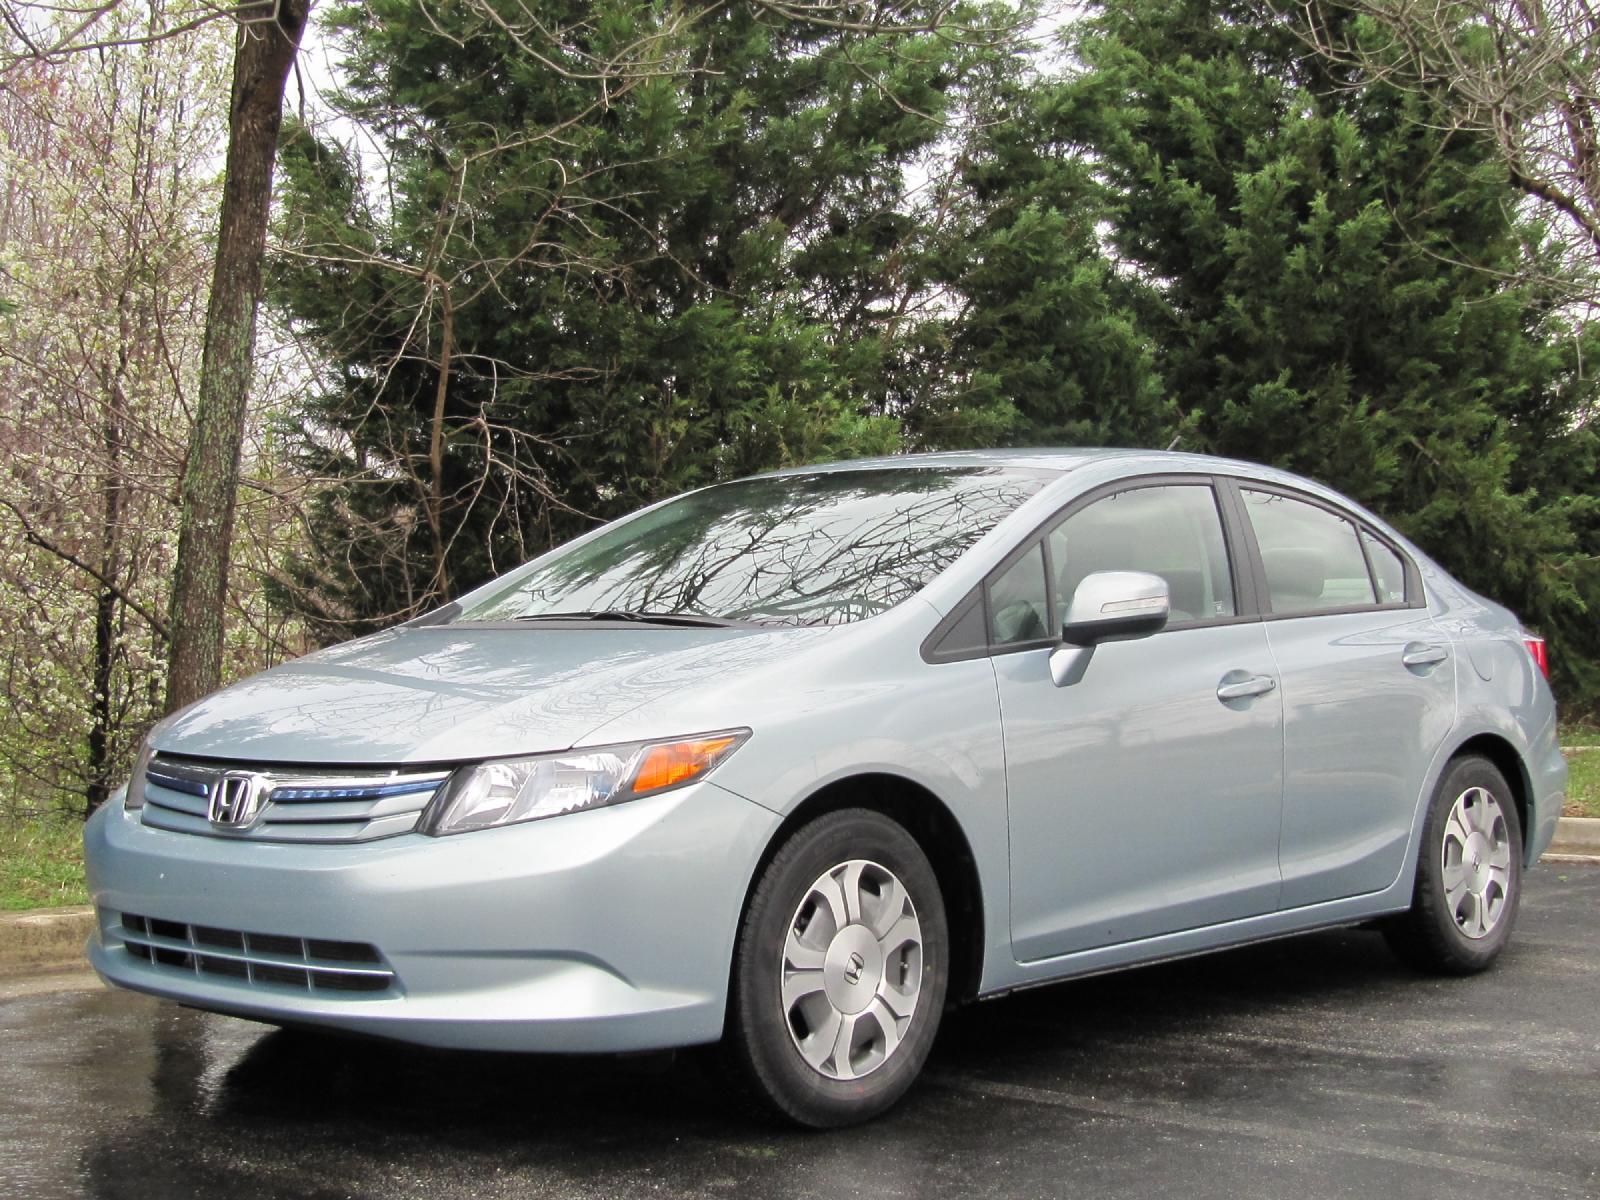 Honda Civic Hybrid H